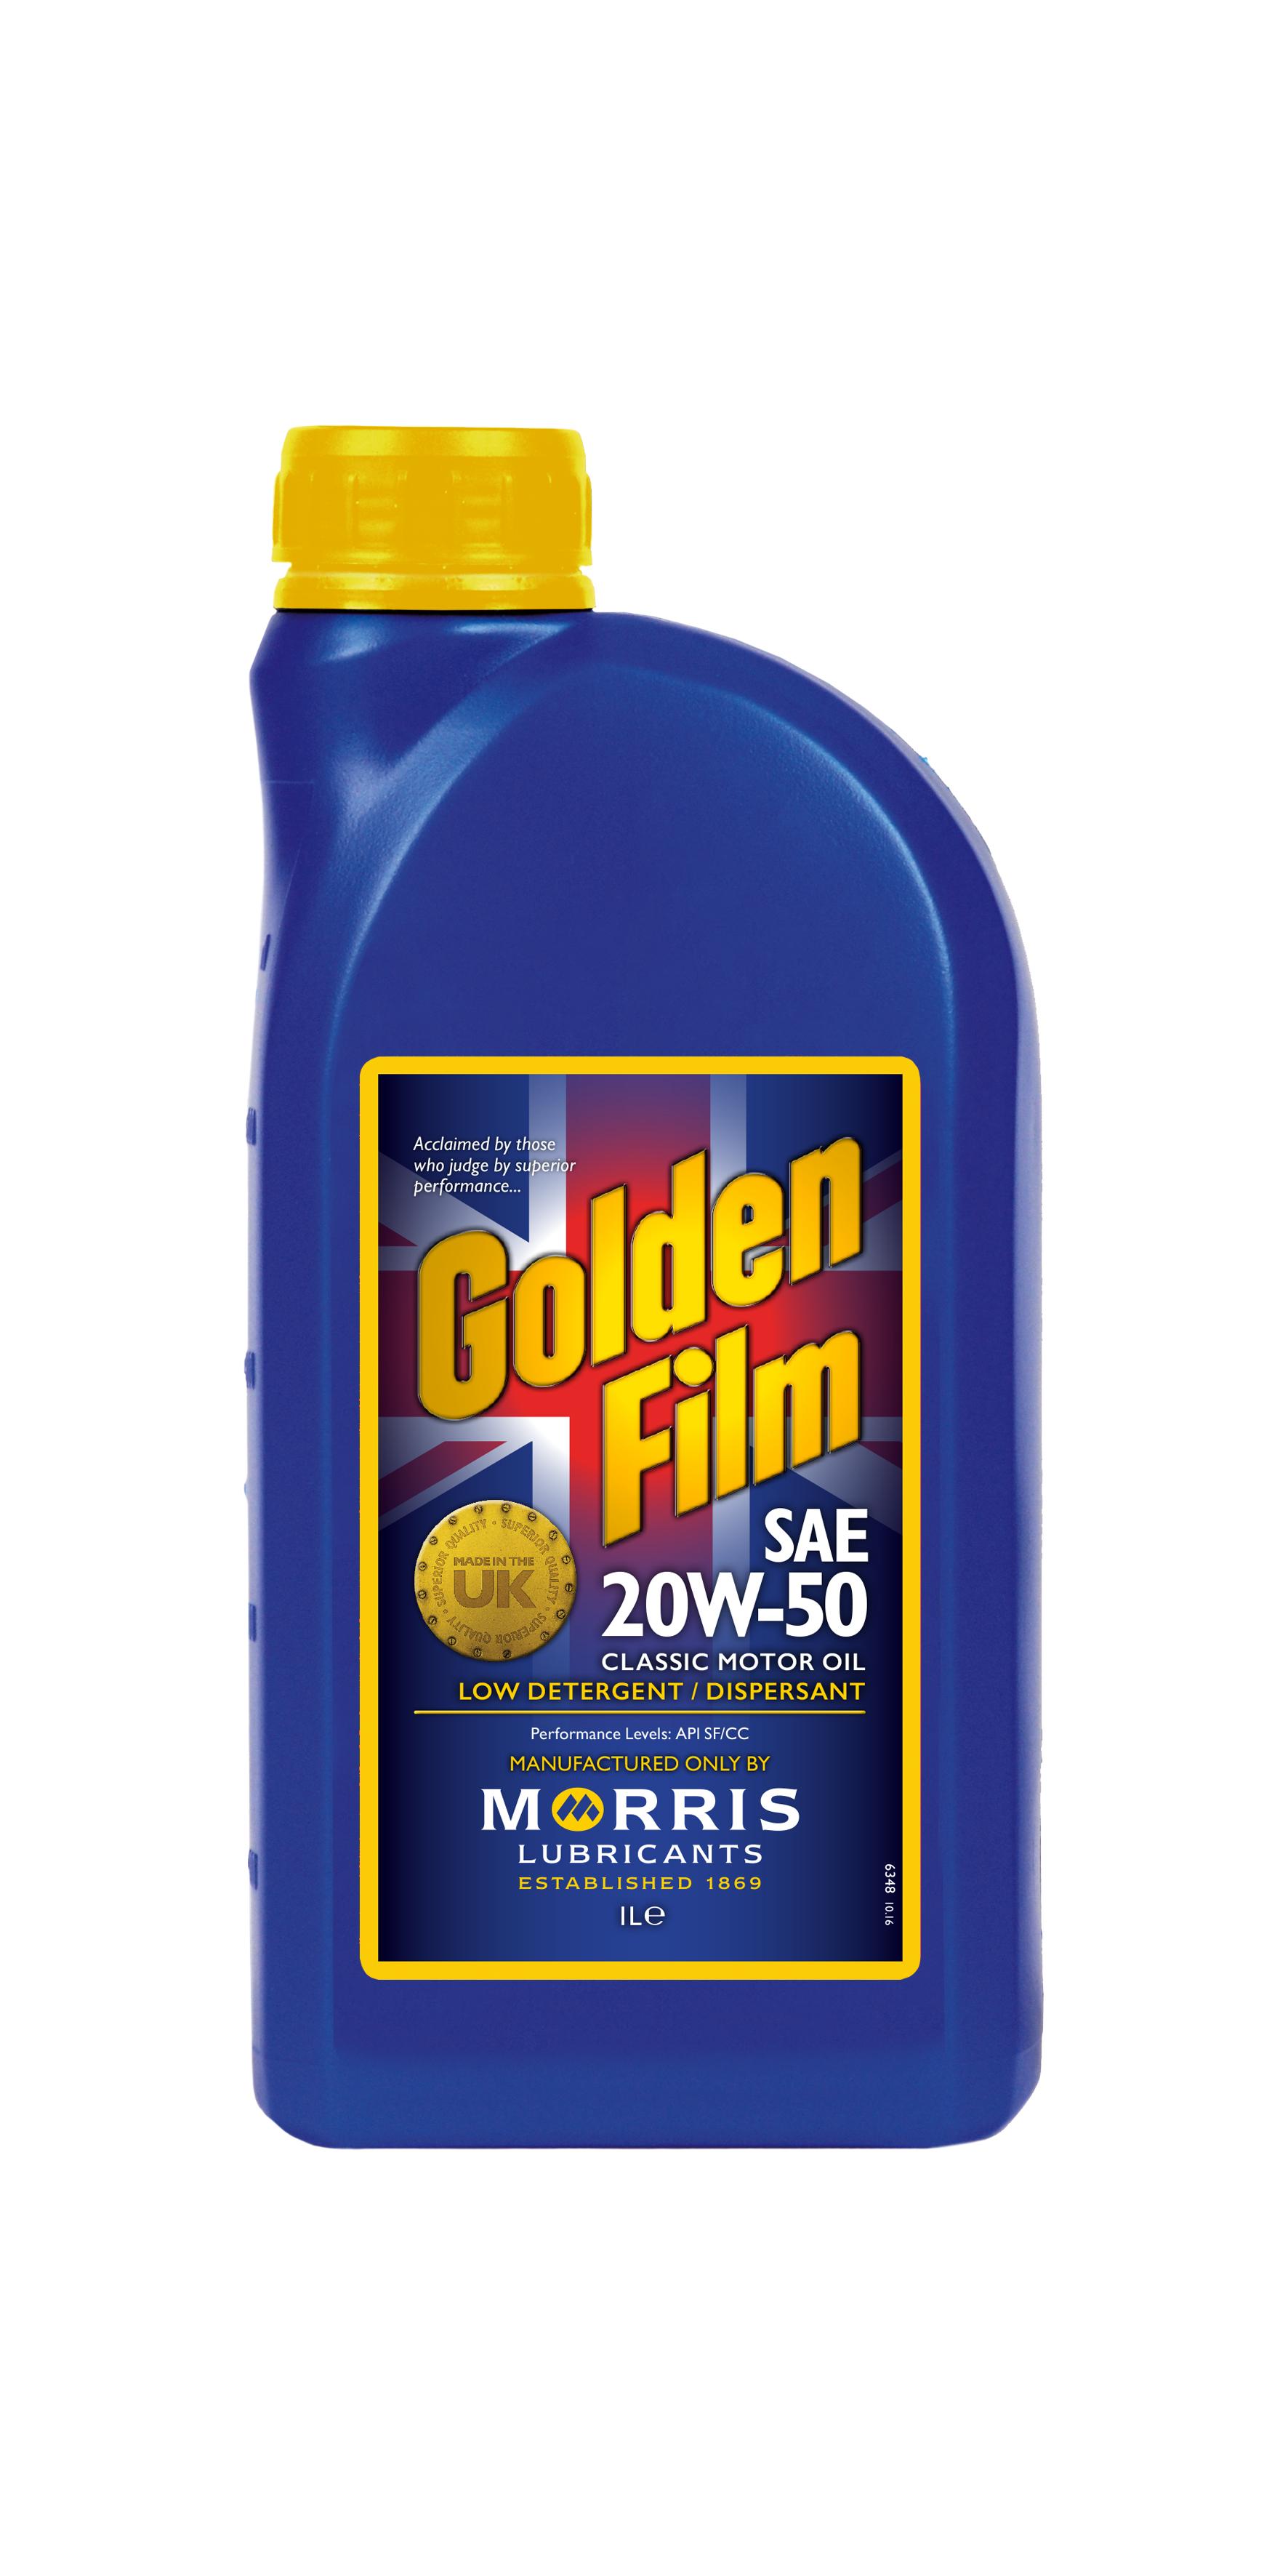 Golden film sae 20w 50 classic motor oil for Sales on motor oil